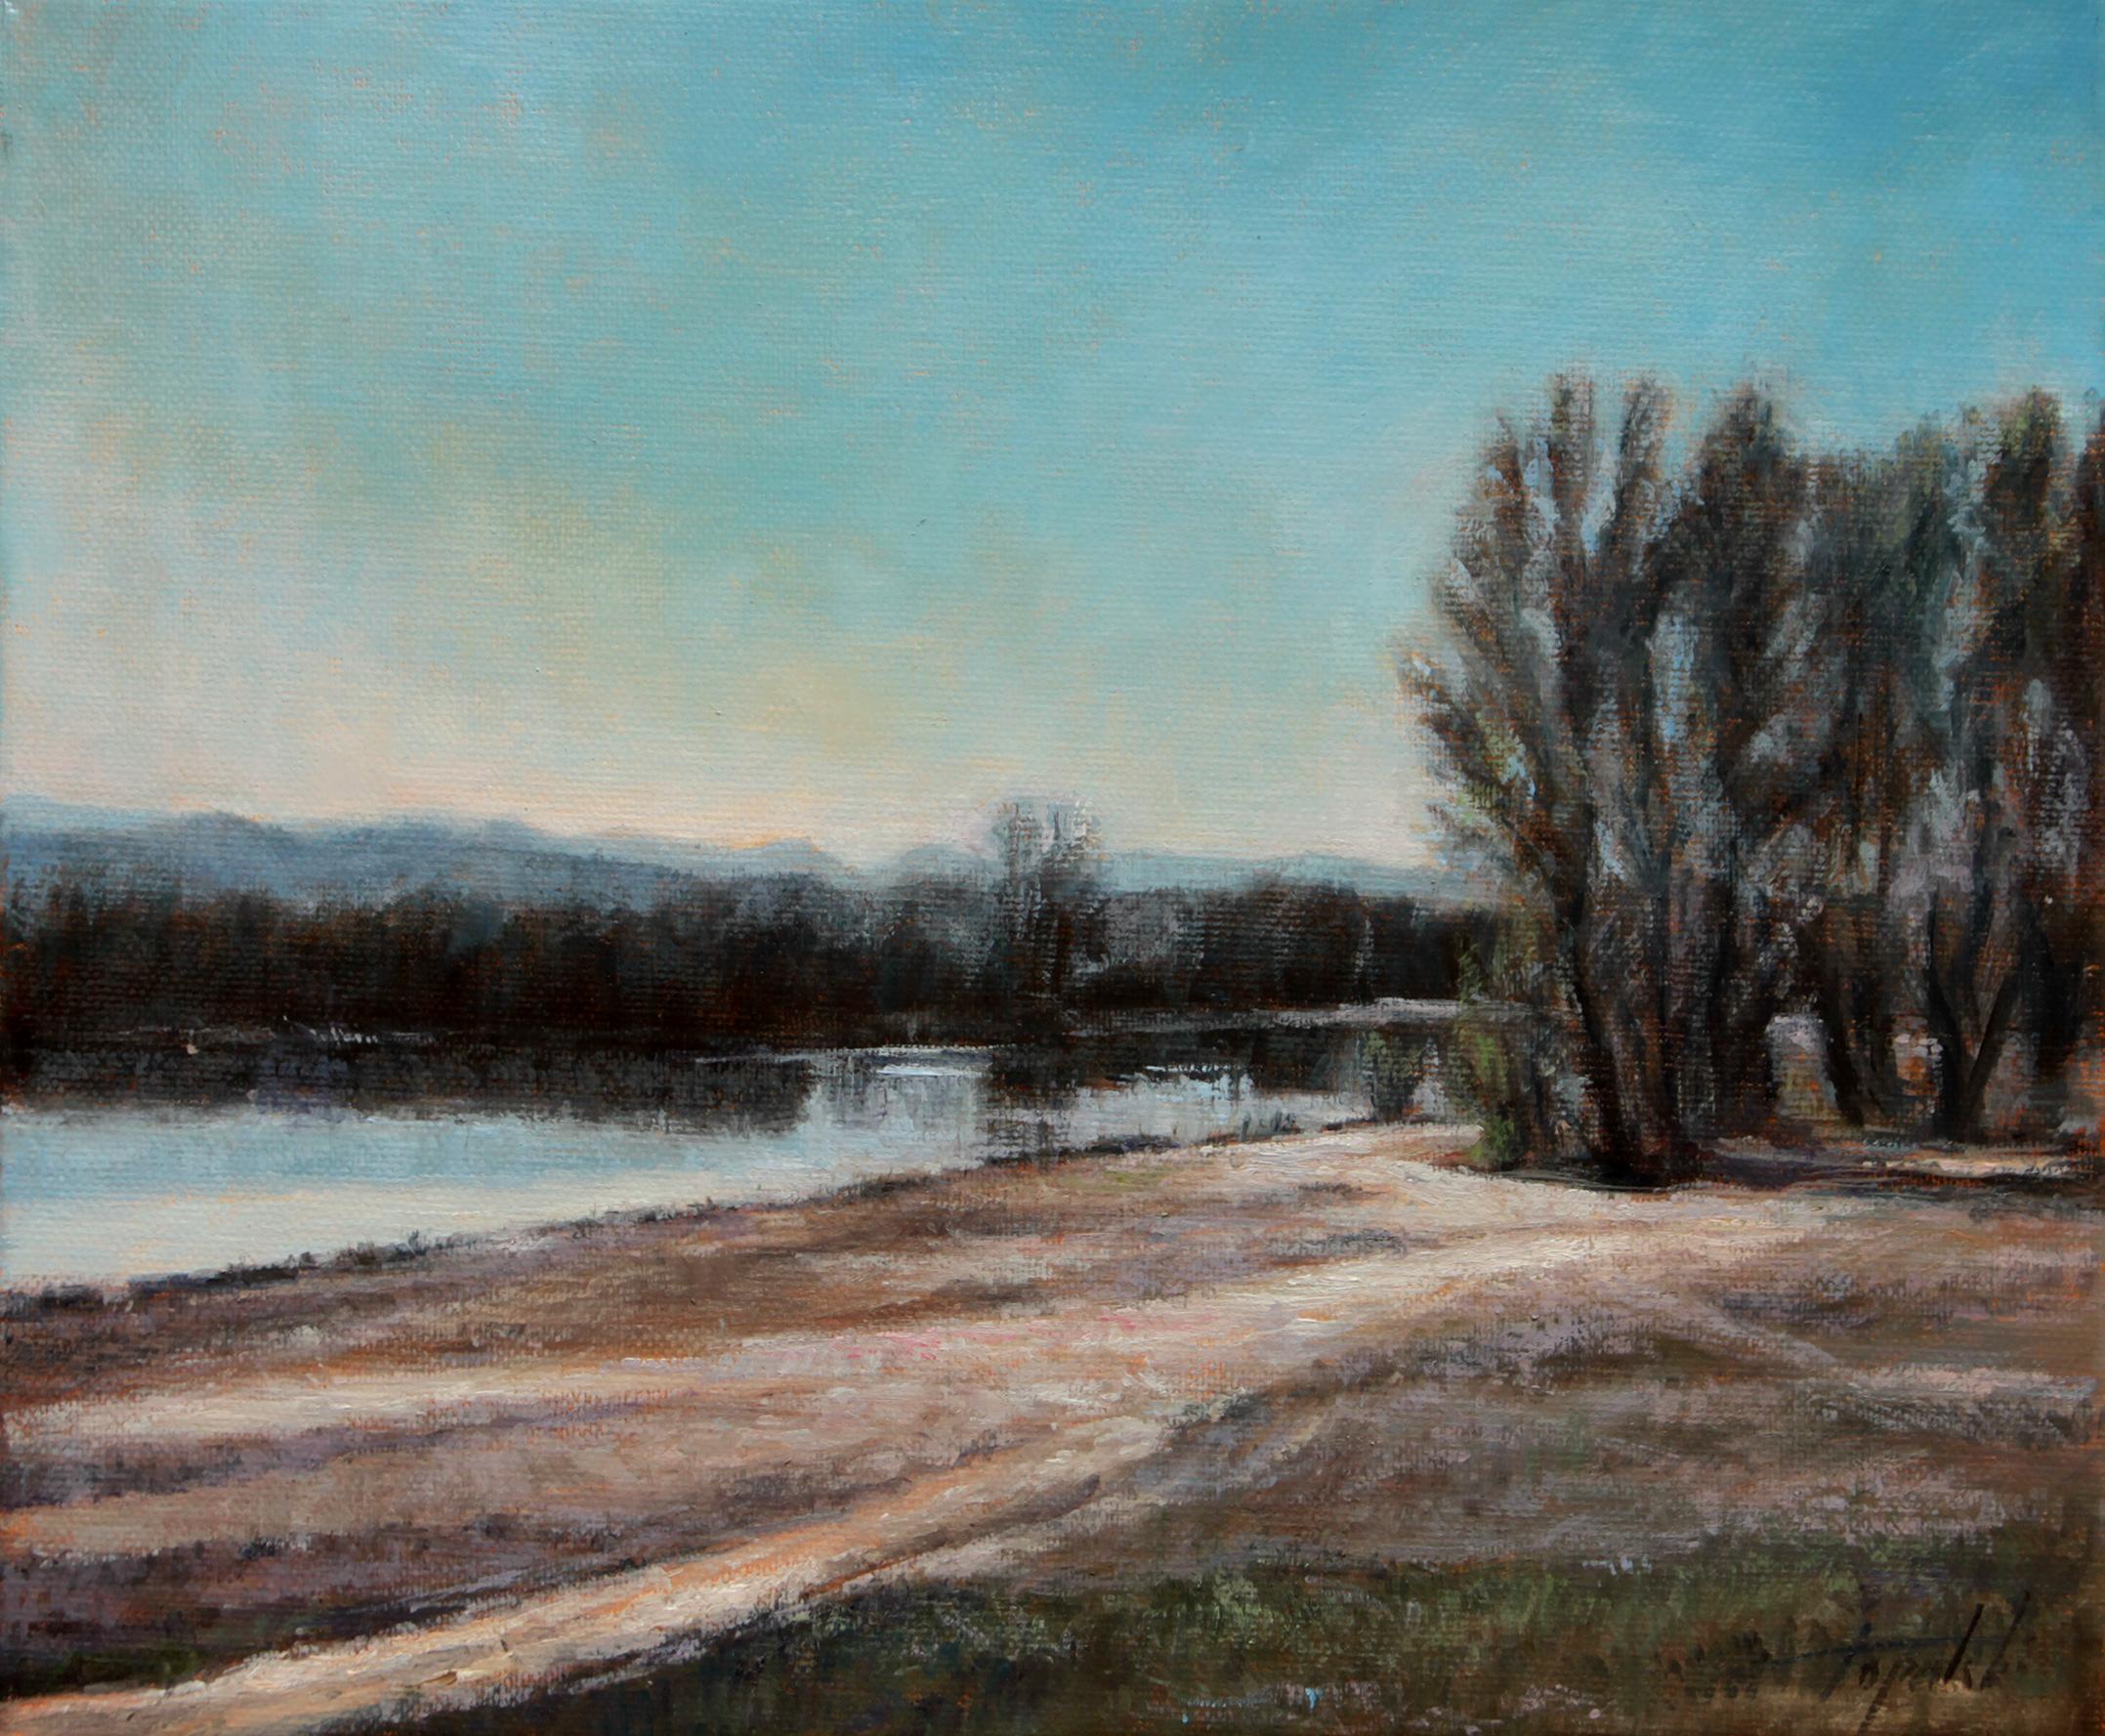 Zapis Dunavca - Novosadski Šodroš - Umetnička slika 25x30cm Pejzaz Ulje na platnu - umetnik Darko TOPALSKI